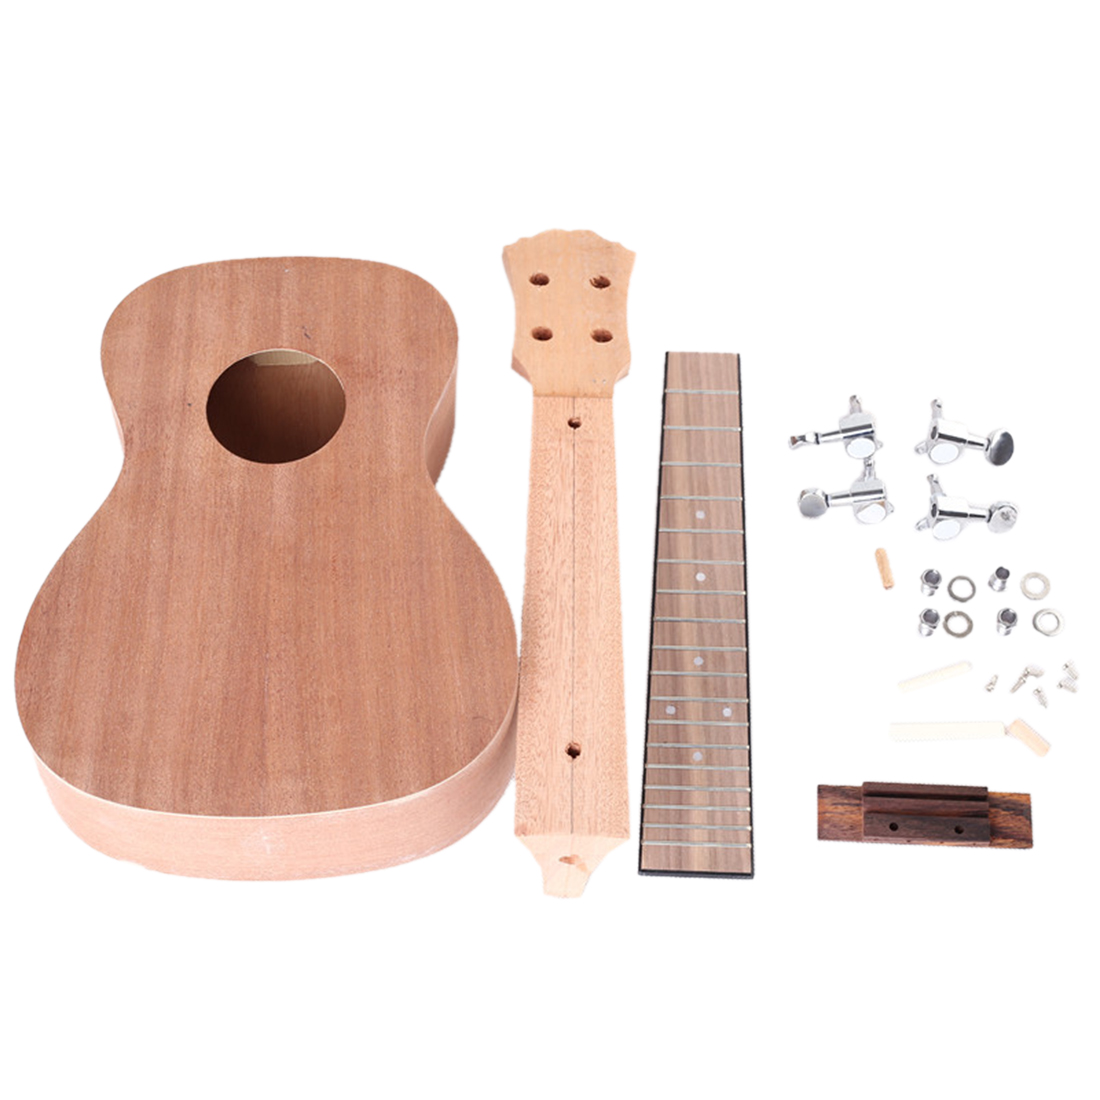 23 pouces bricolage couleur dessin acajou classique ukulélé Instruments de musique éducatif Instrument de musique jouet pour enfant cadeau